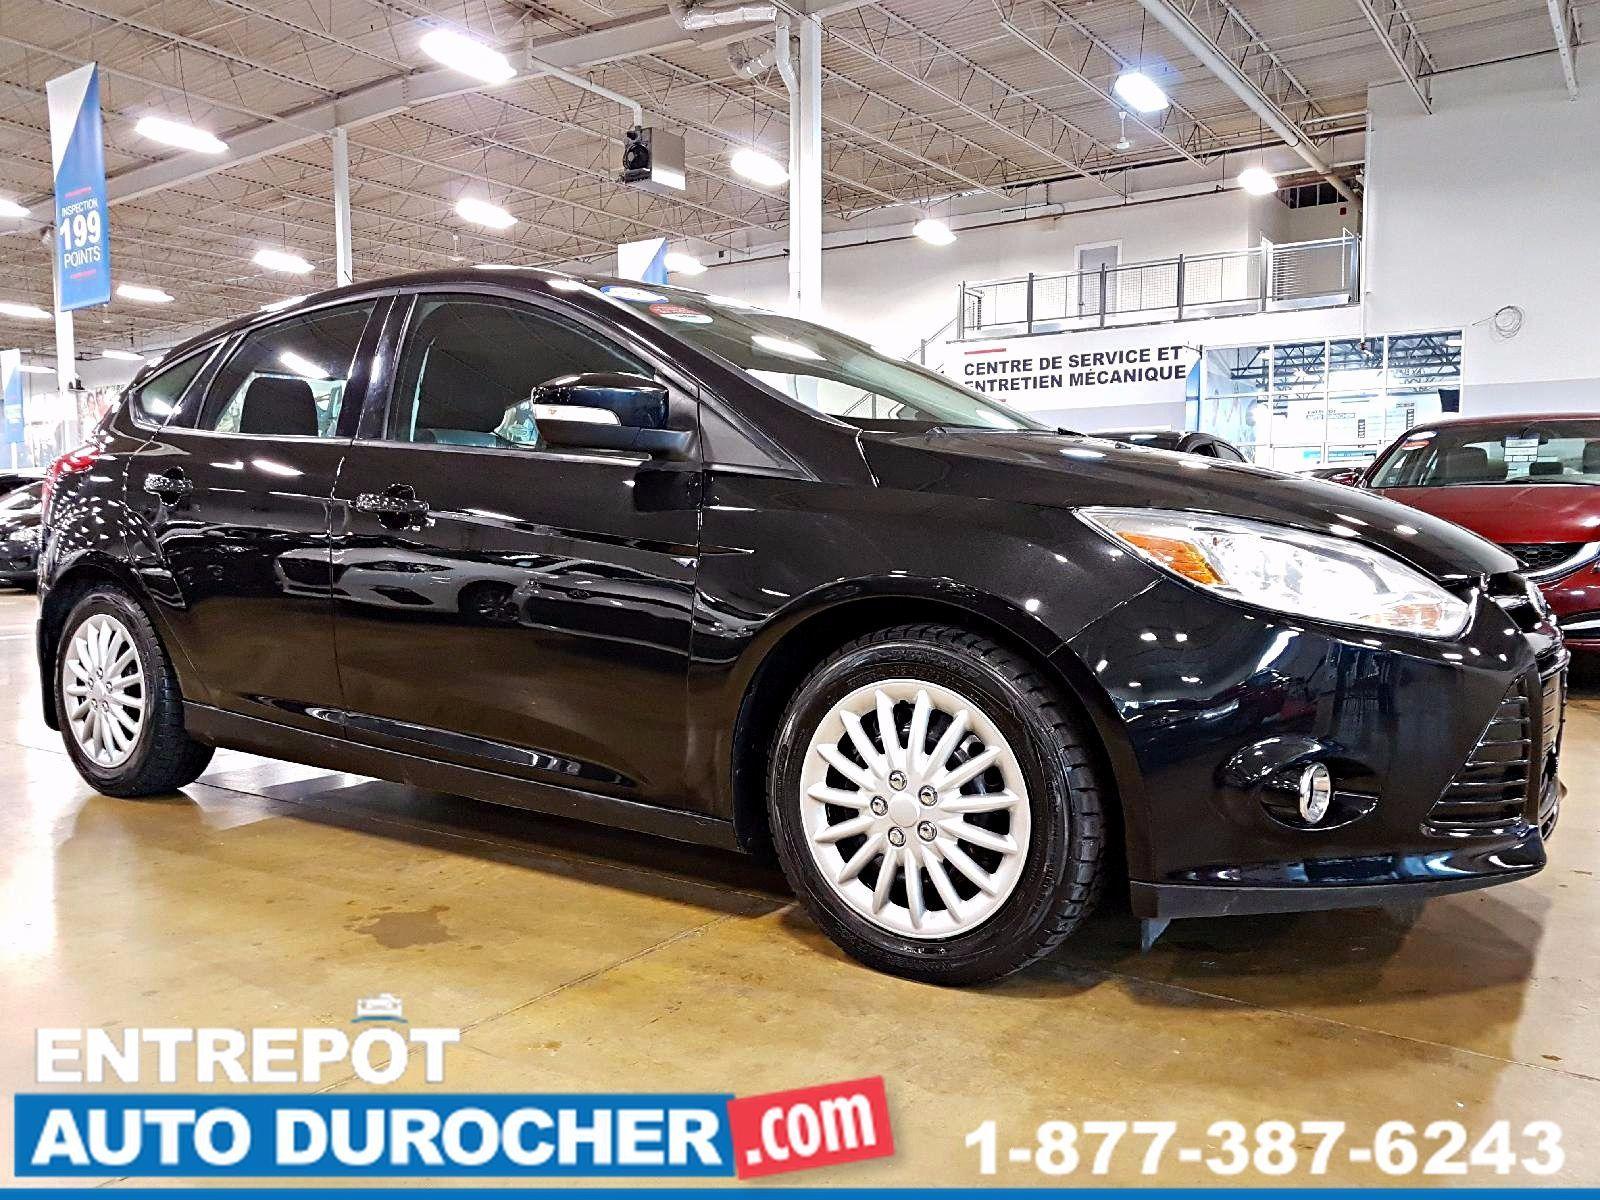 Ford Focus SE - AUTOMATIQUE - AIR CLIMATISÉ 2013